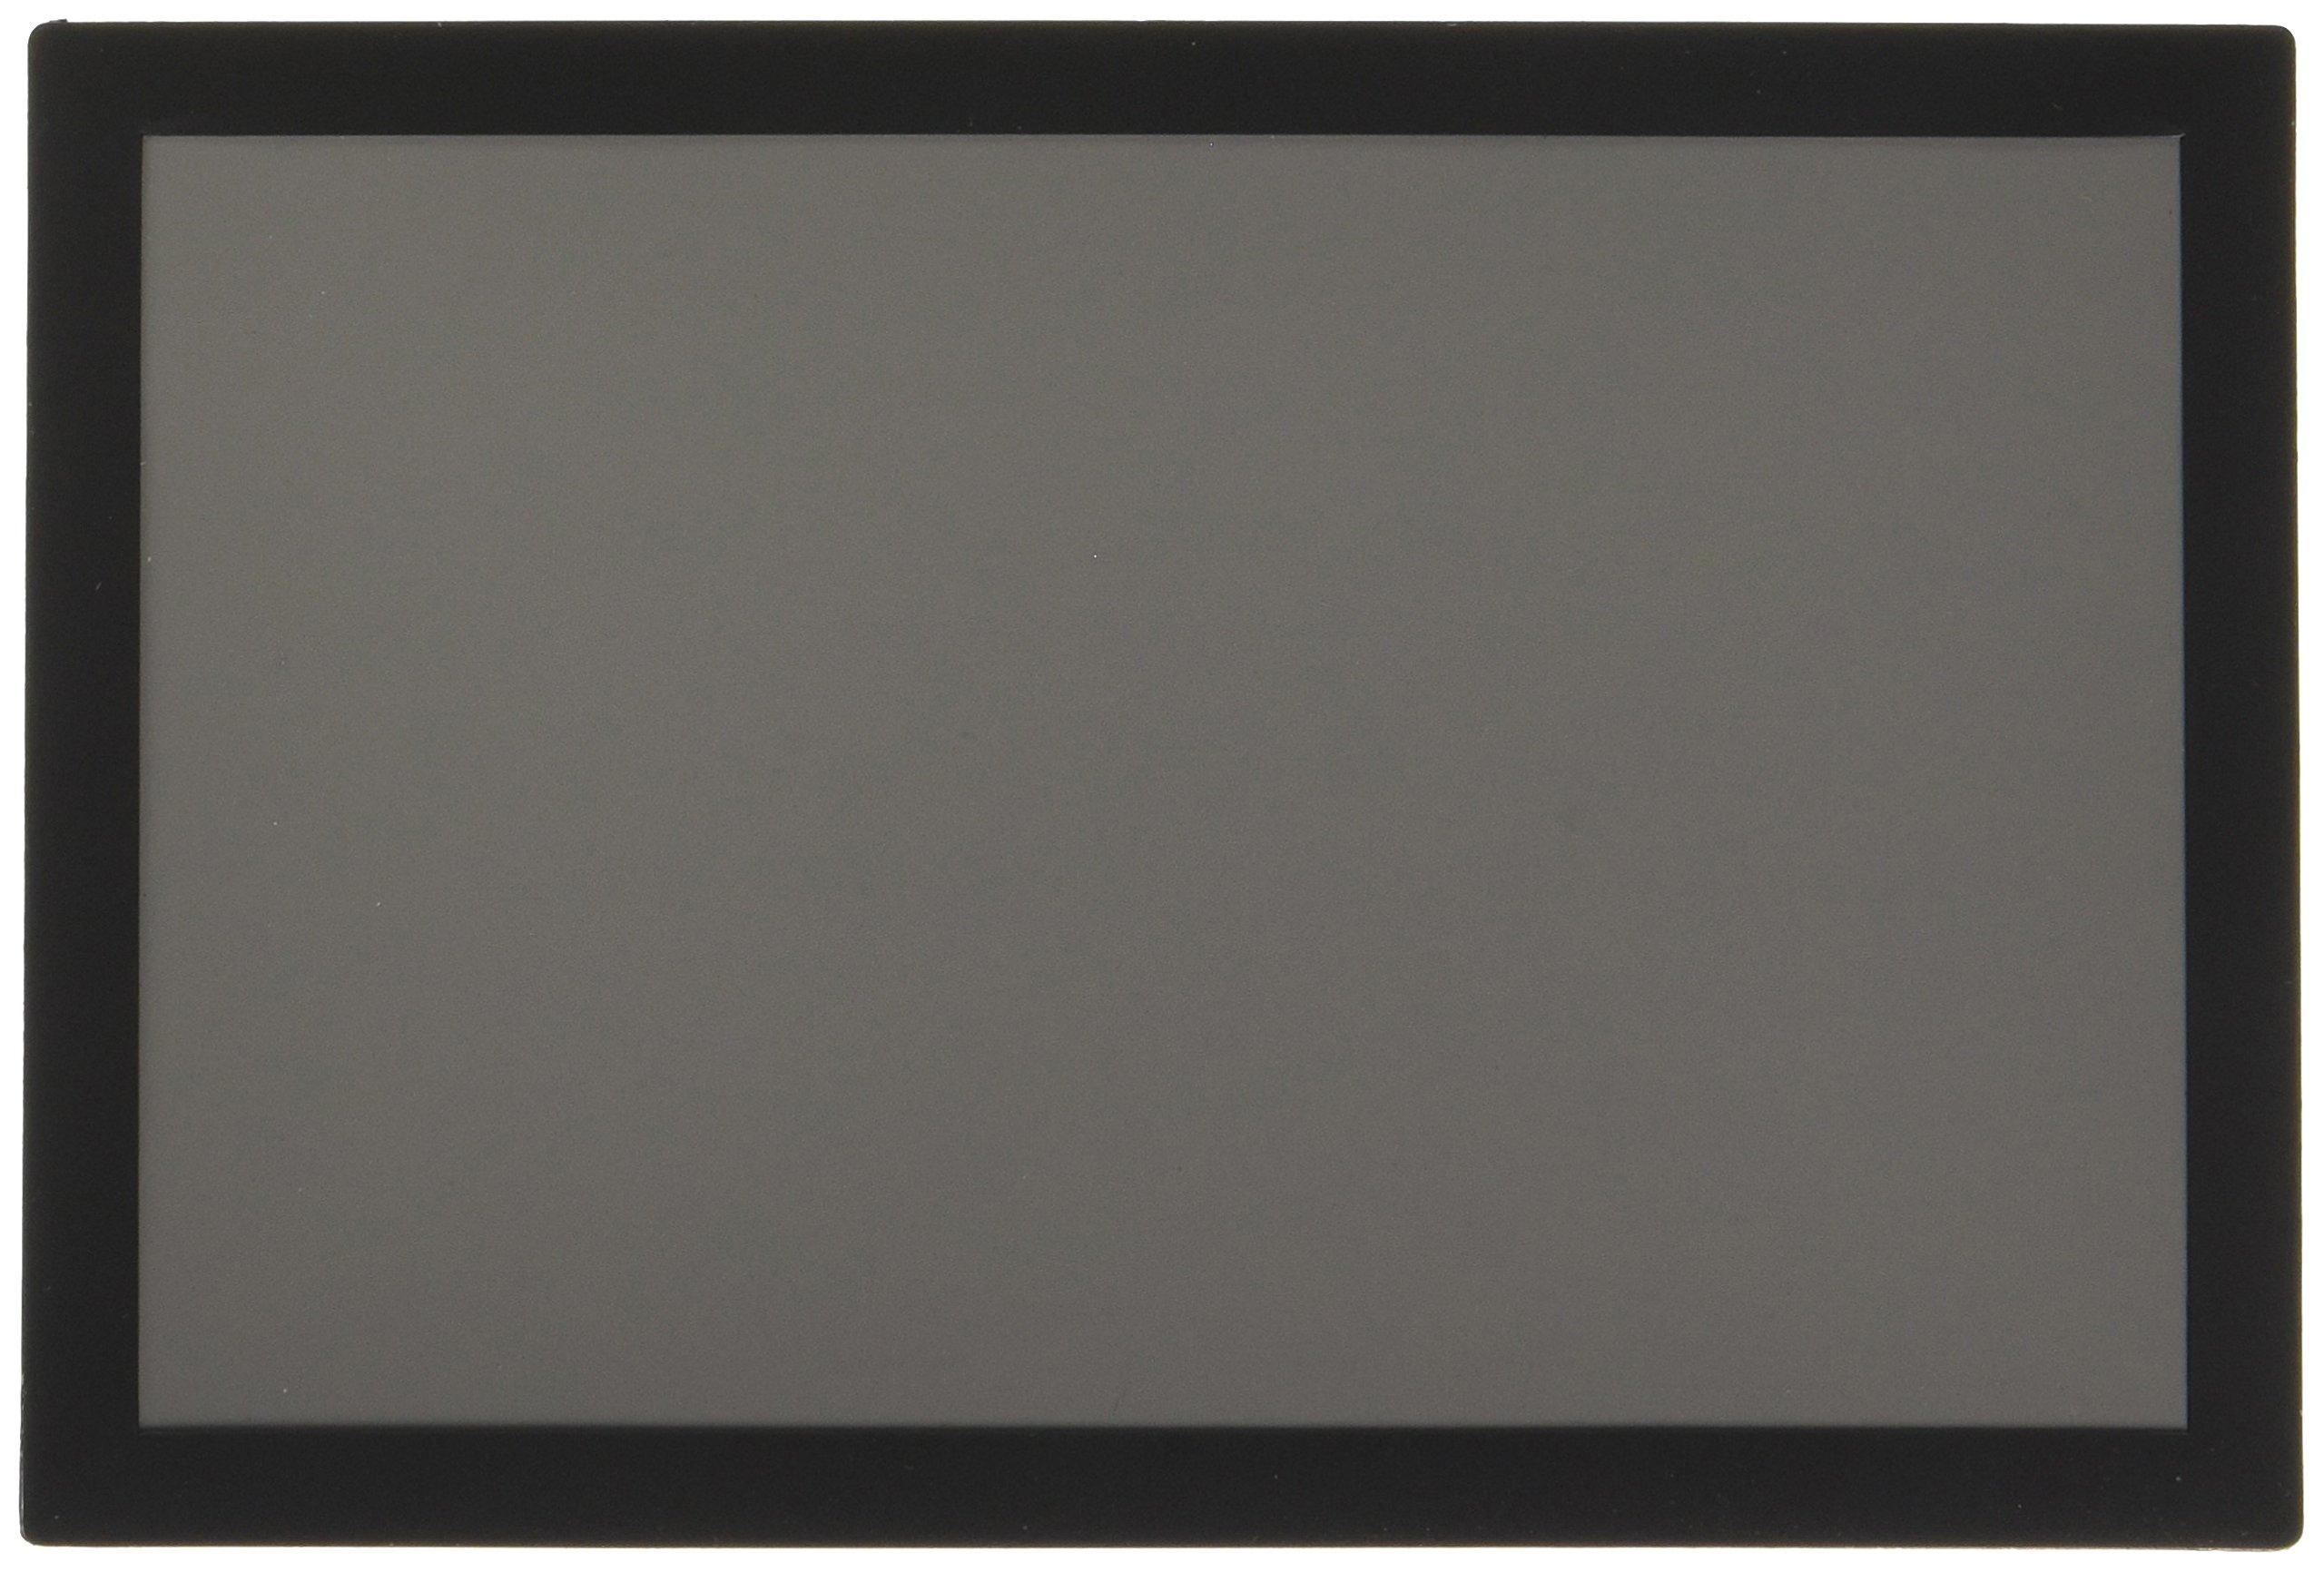 X-Rite ColorChecker 18% Gray Balance (421869) by X-Rite